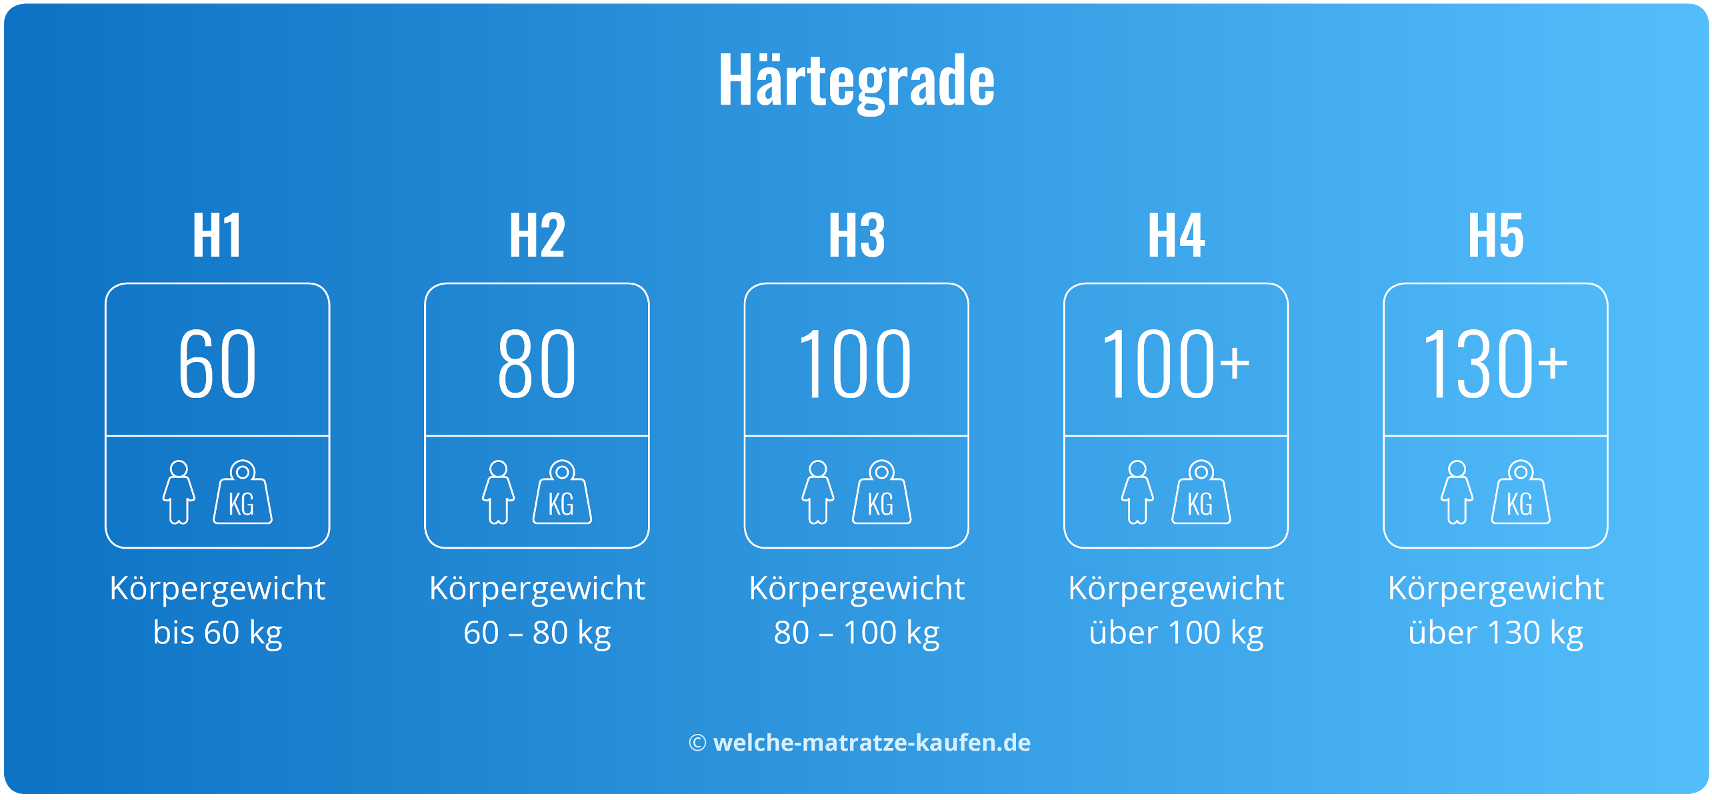 Hartegrad Matratze H2 Fabulous Hartegrad Matratze H2 With